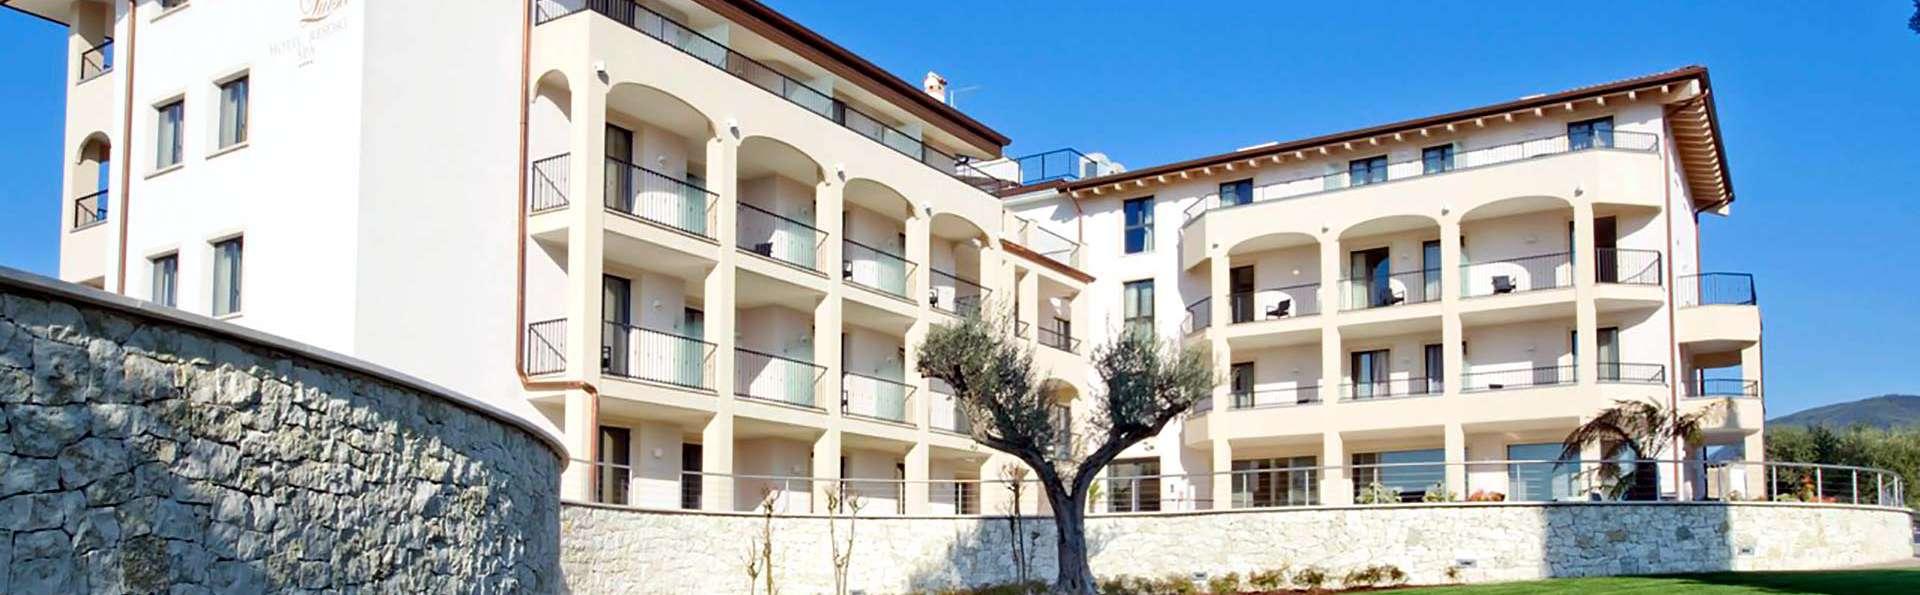 Hotel Resort Villa Luisa & Spa - Edit_Front2.jpg